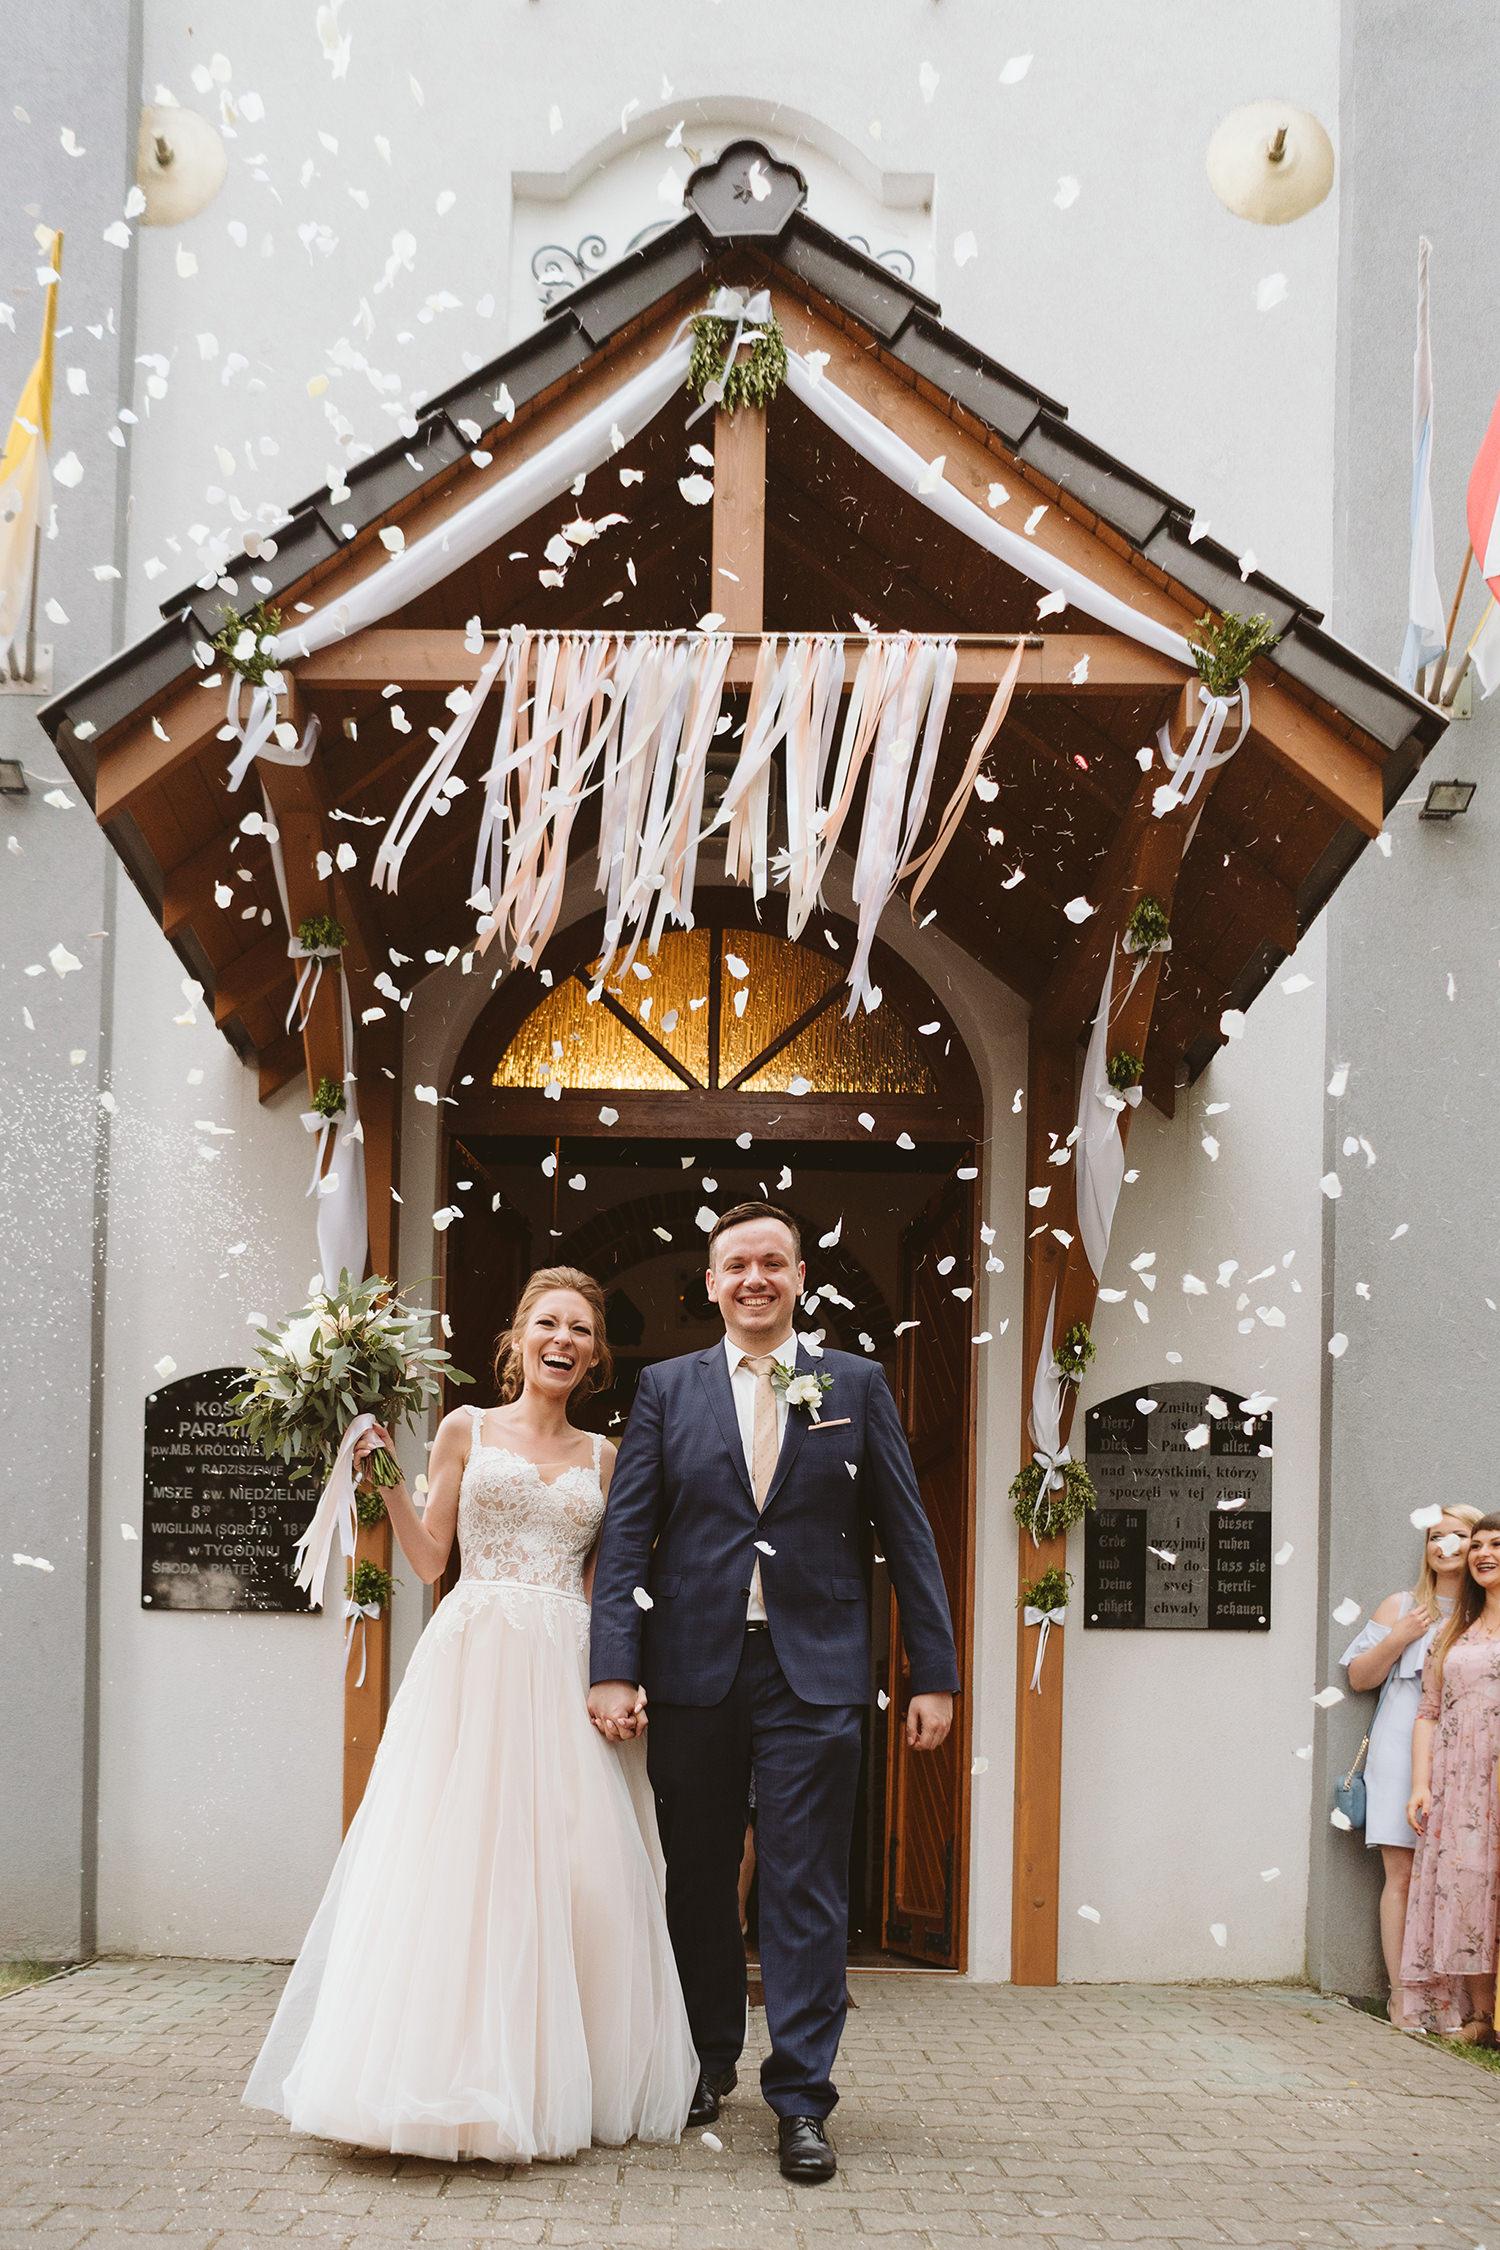 Najlepsze zdjęcia ślubne w 2018 roku 39